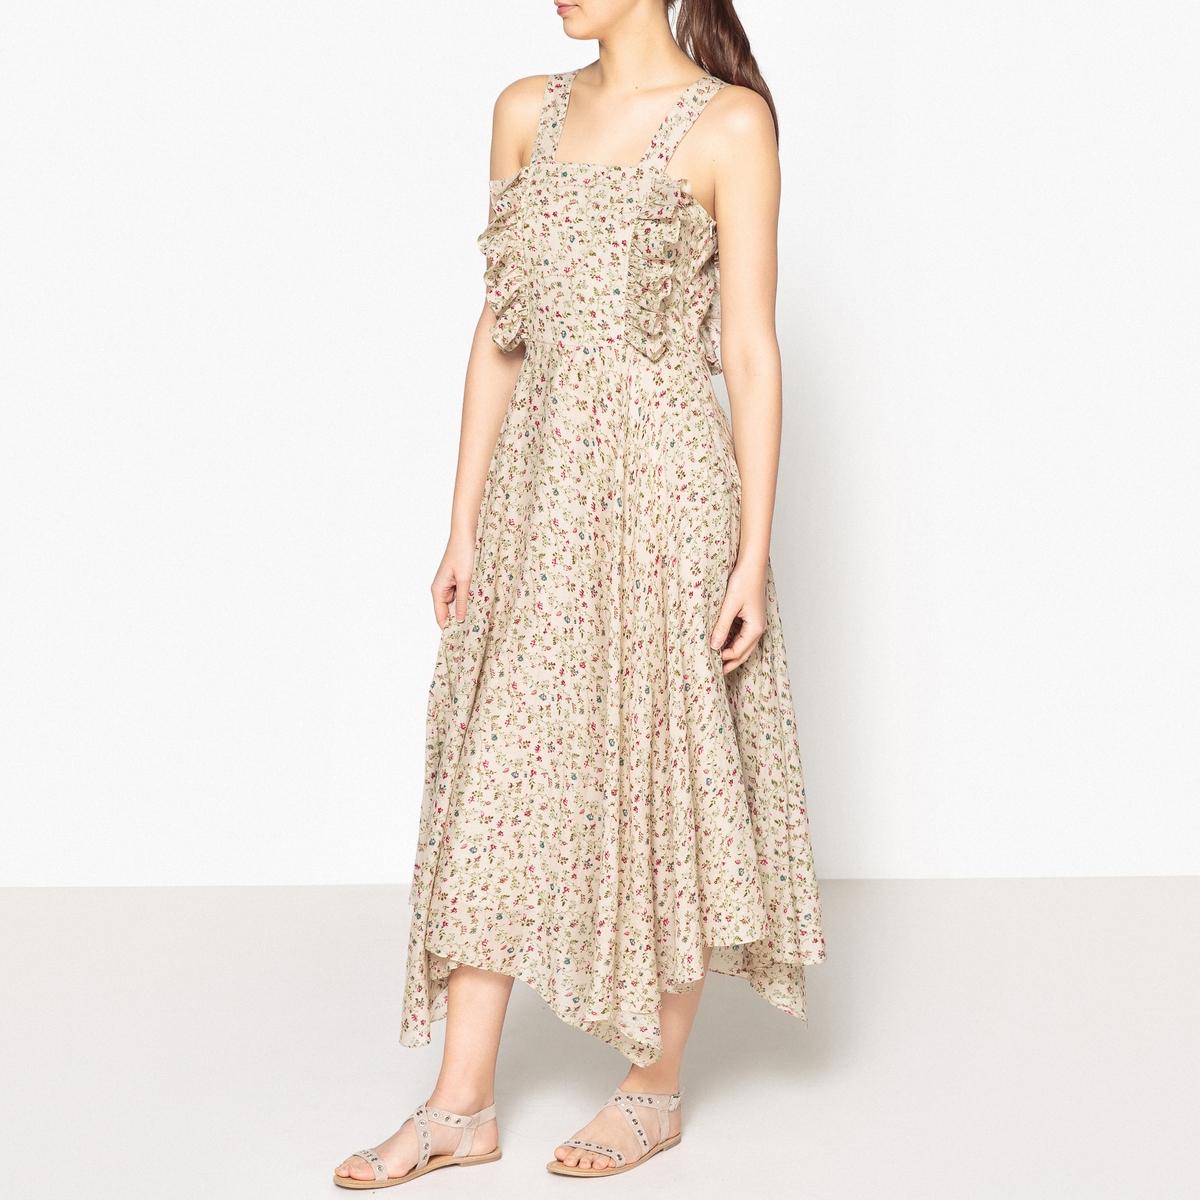 Платье длинное с рисунком на тонких бретелях GARLIC от LAURENCE BRAS